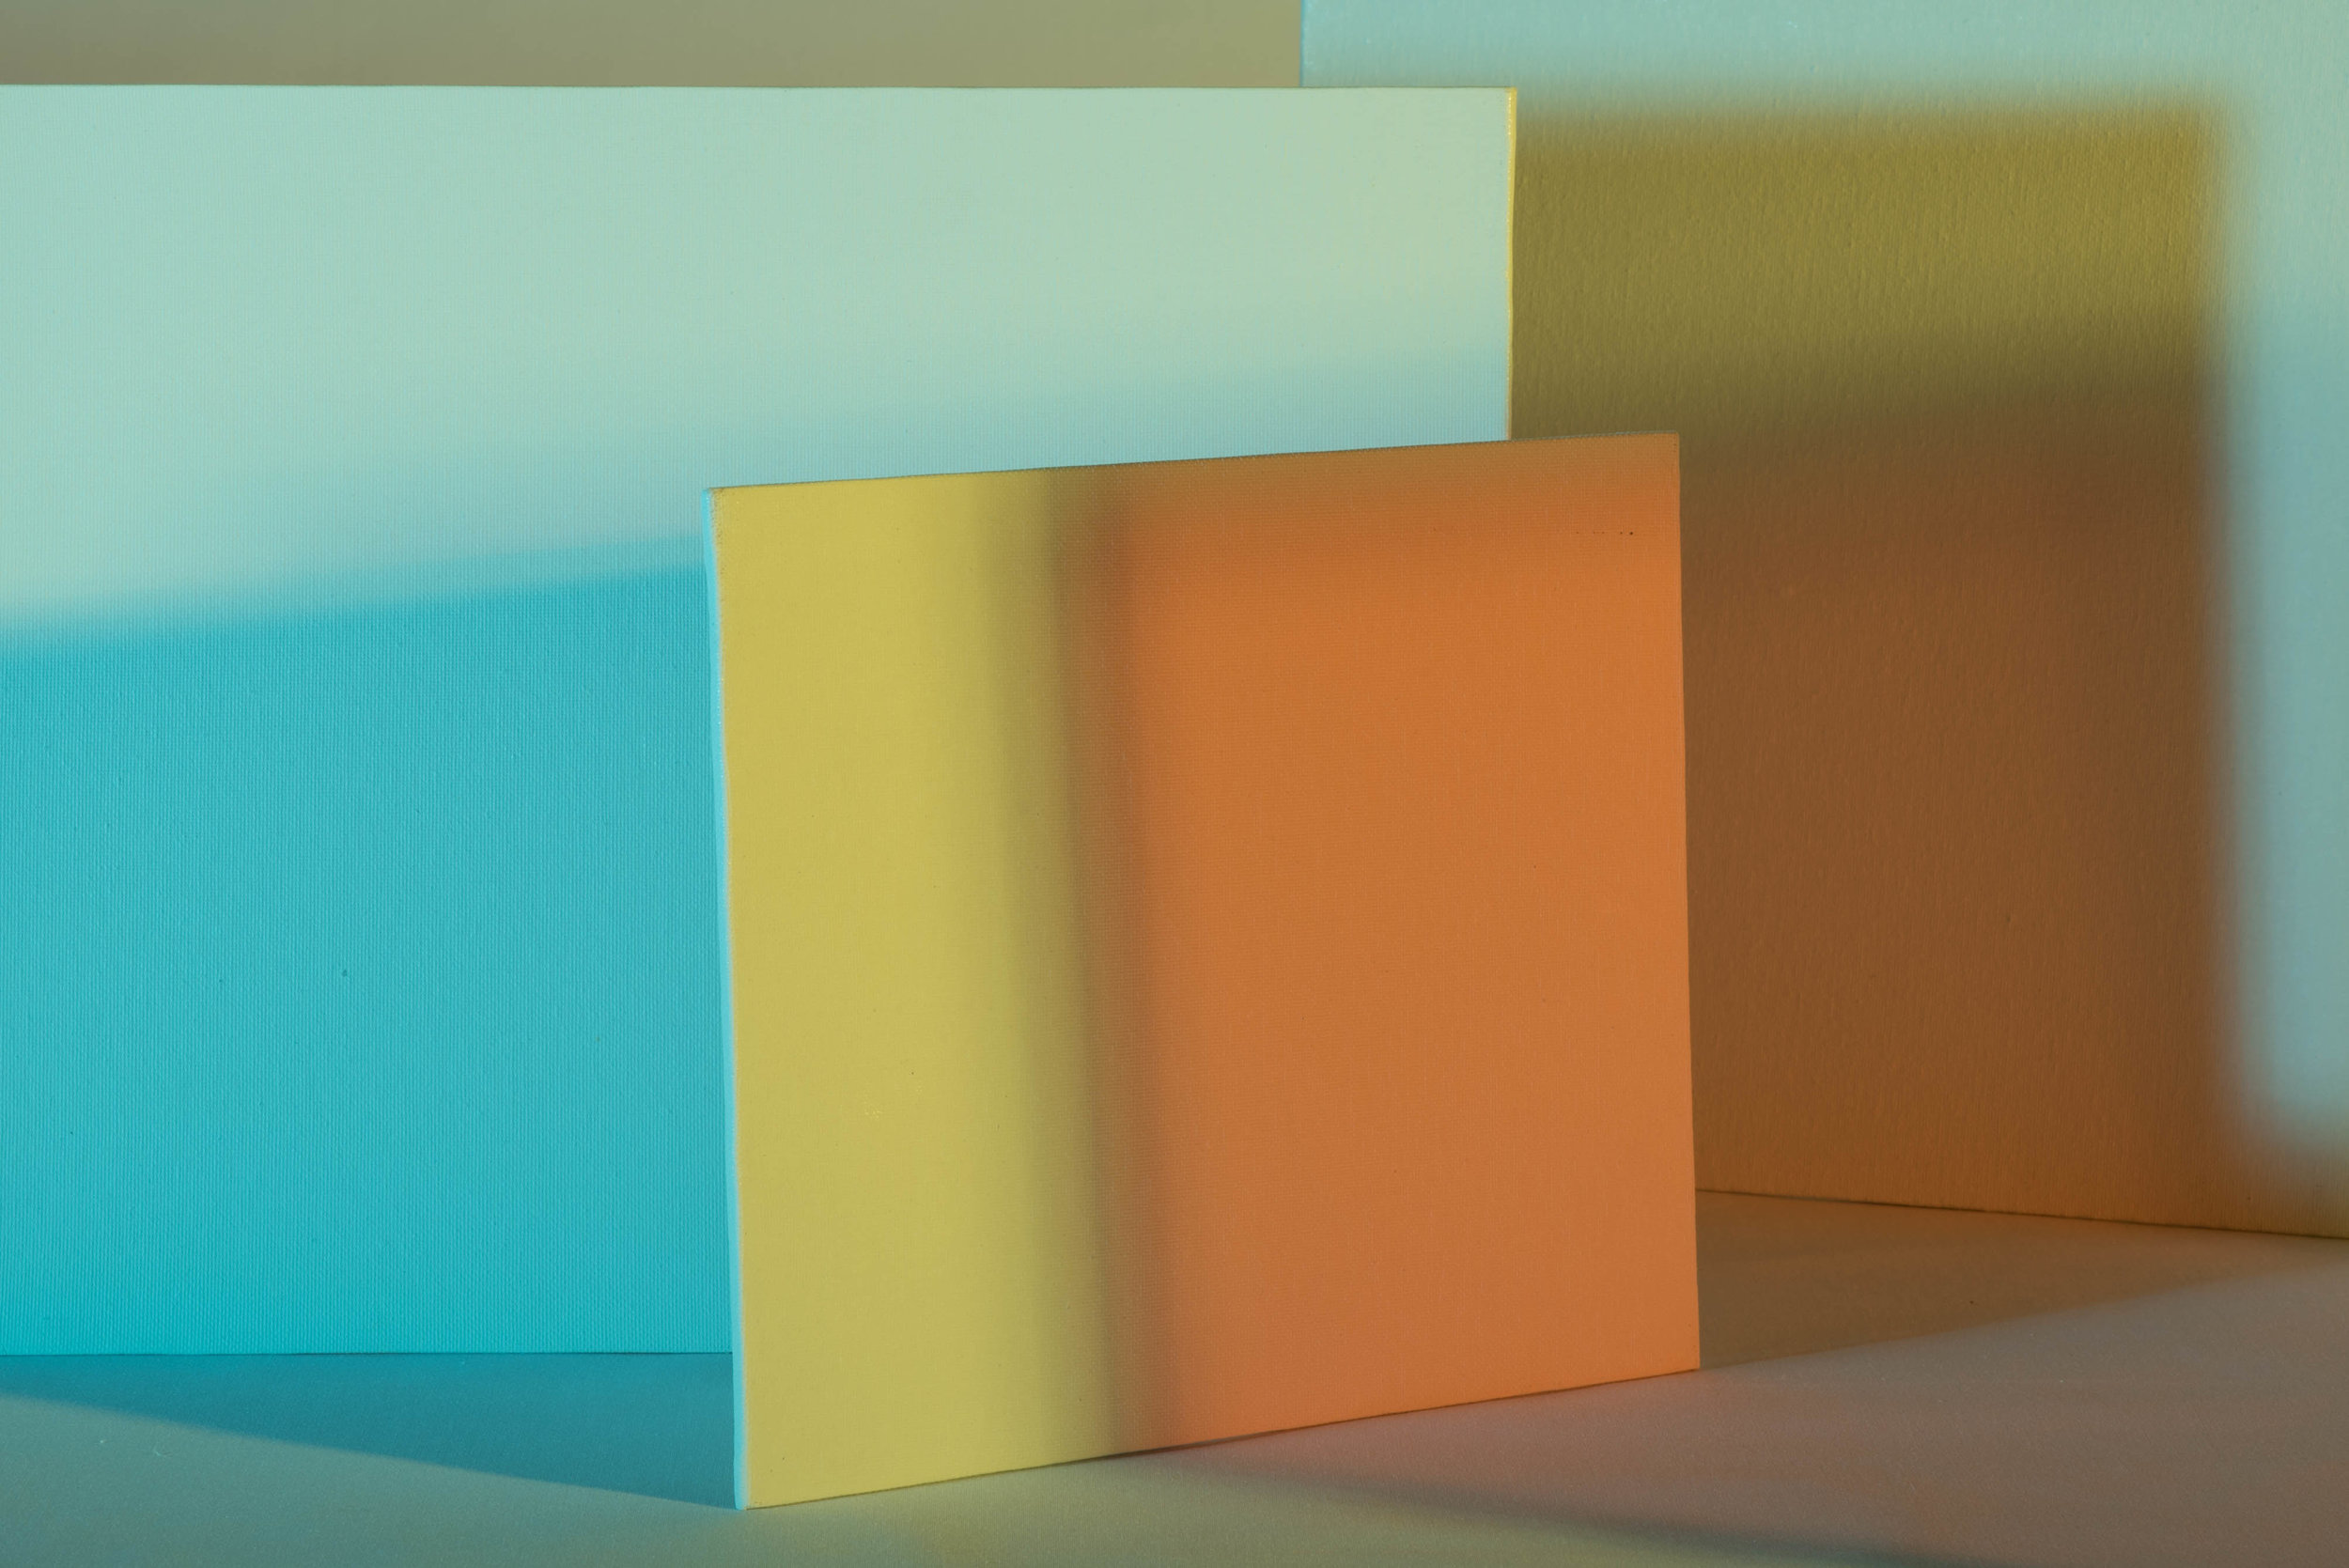 Square_V2-9.jpg